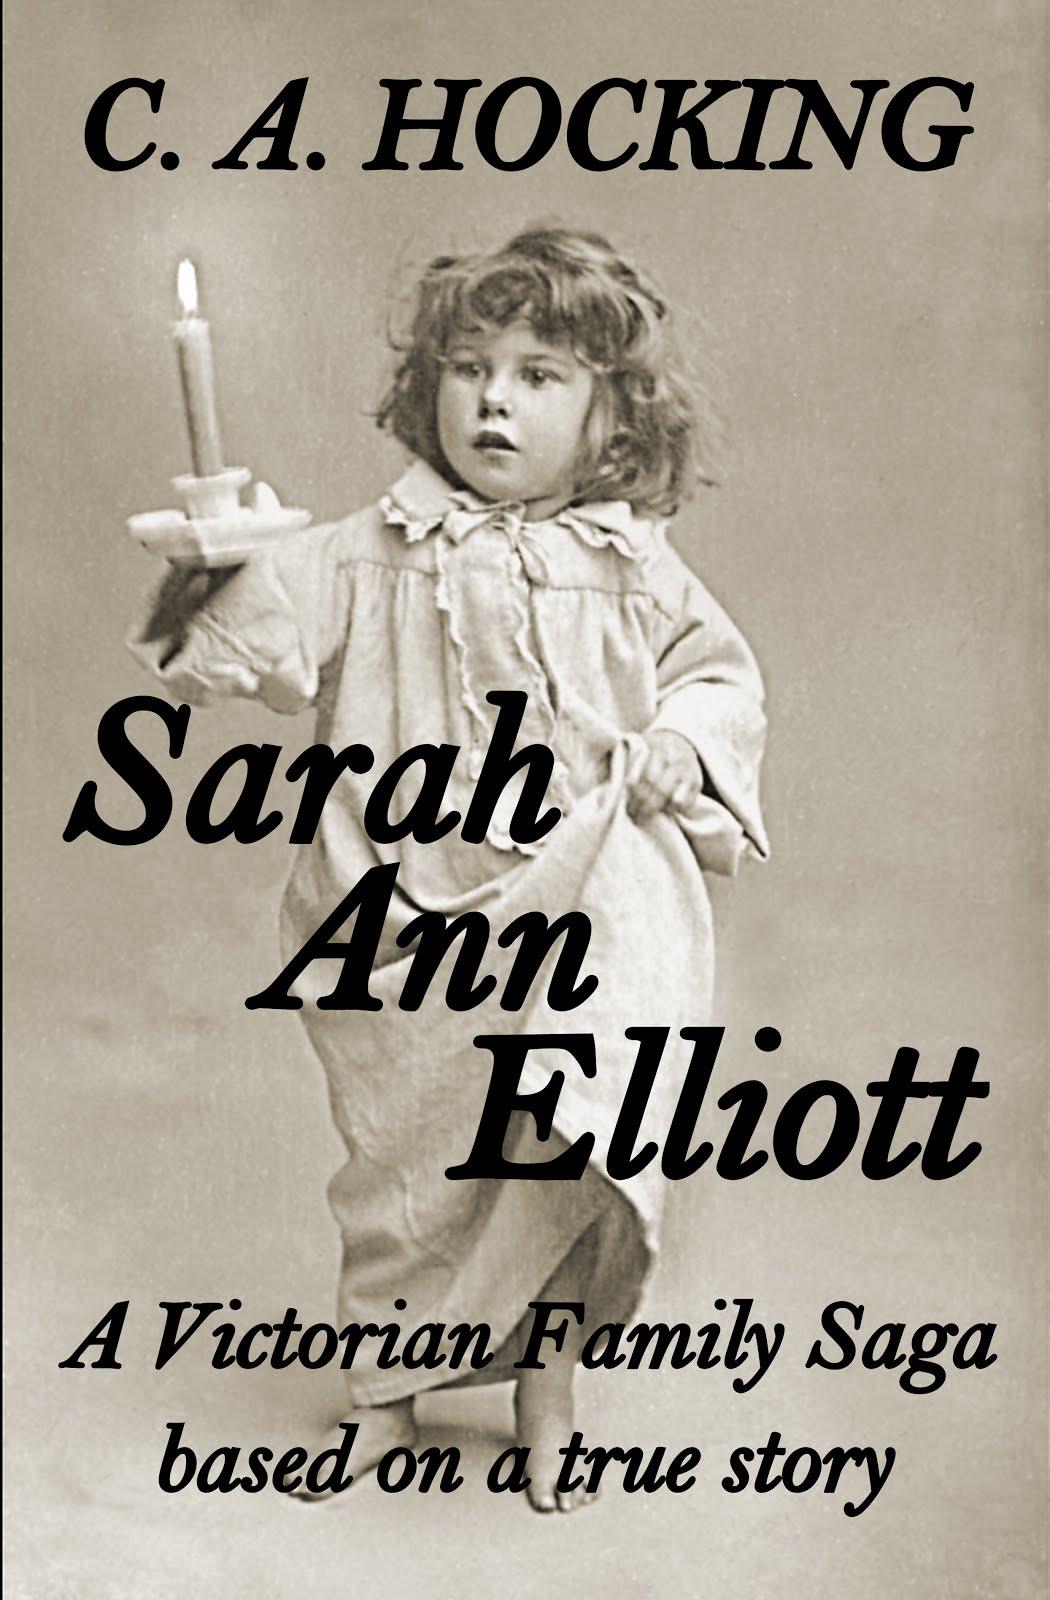 SARAH ANN ELLIOTT